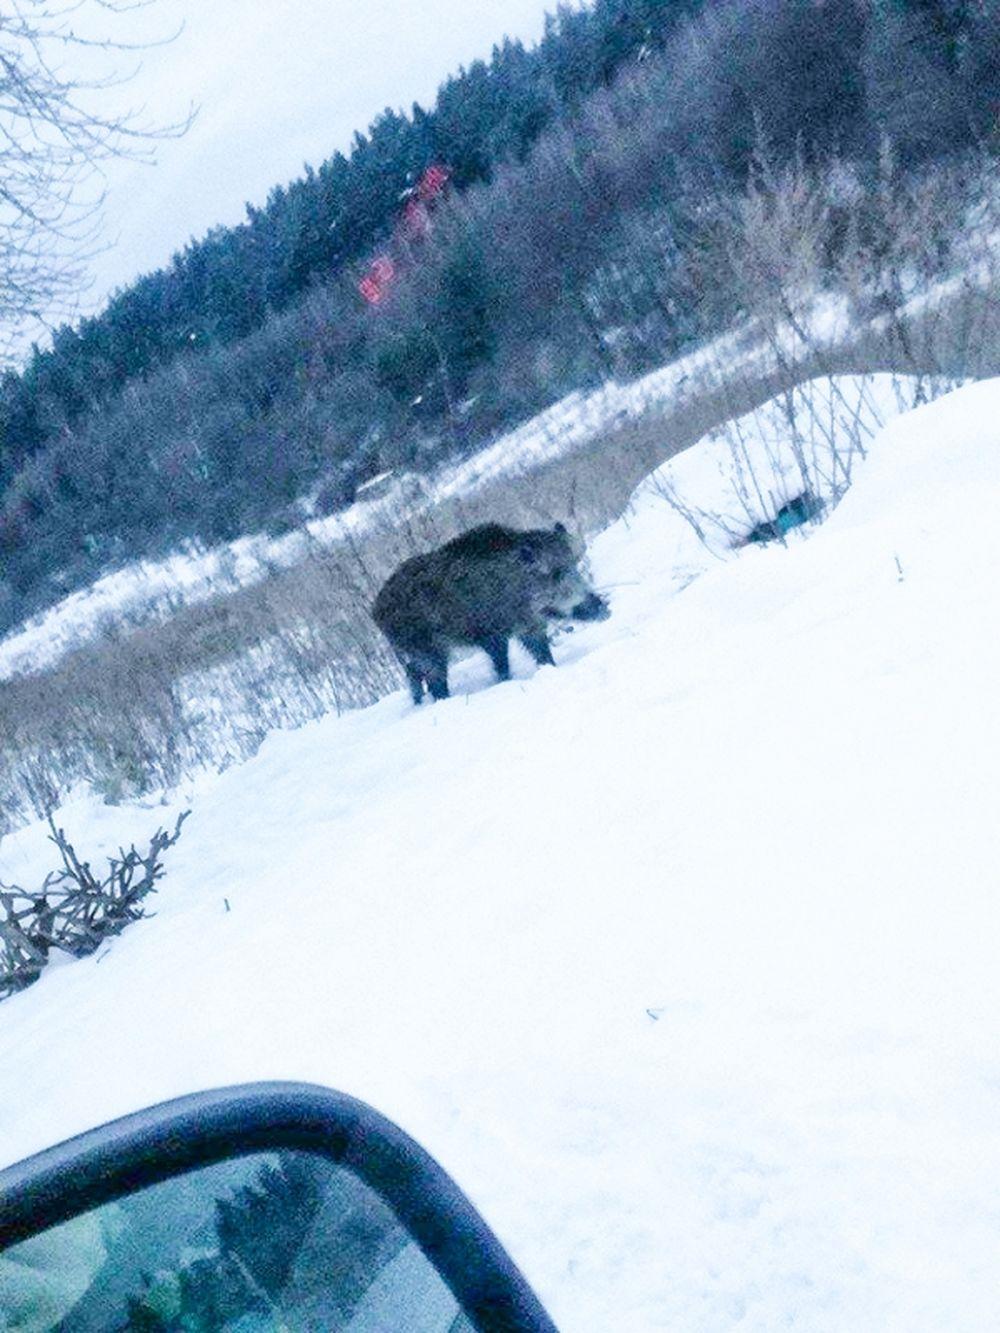 Diviaky Bánovská hora 13.1.2017, foto 3